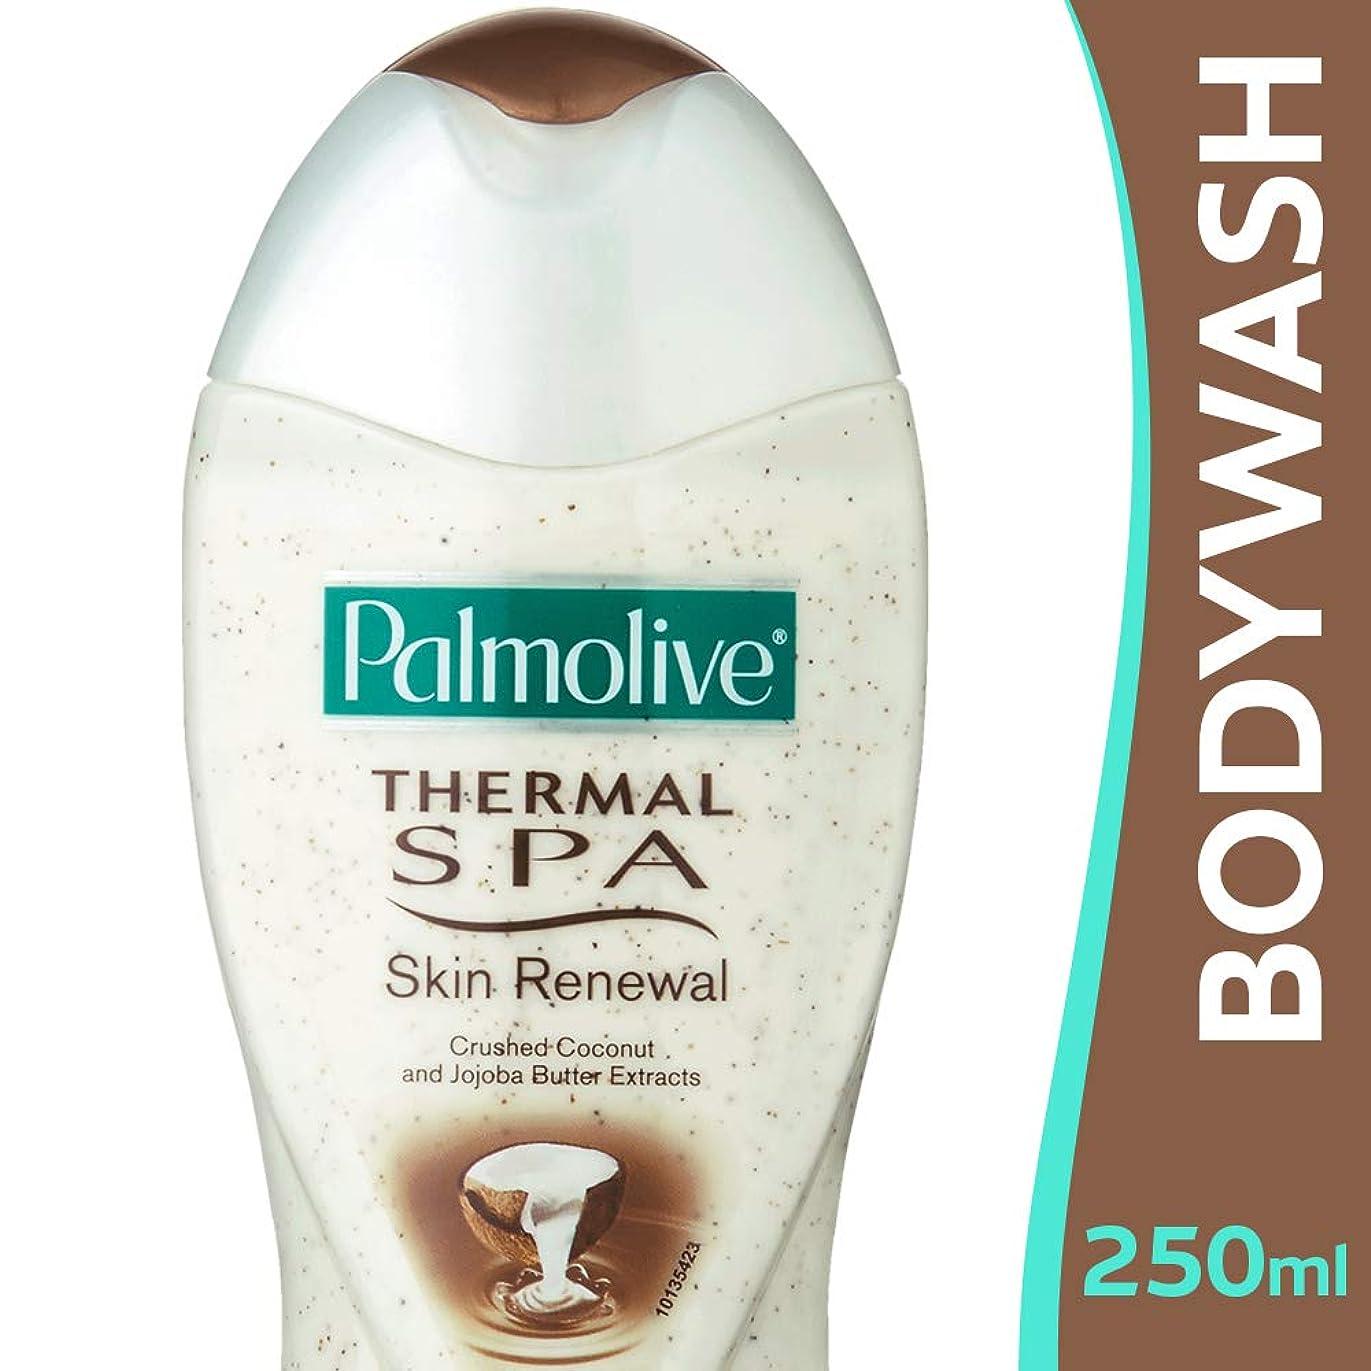 過剰イースター理想的にはPalmolive Bodywash Thermal Spa Skin Renewal Shower Gel - 250ml